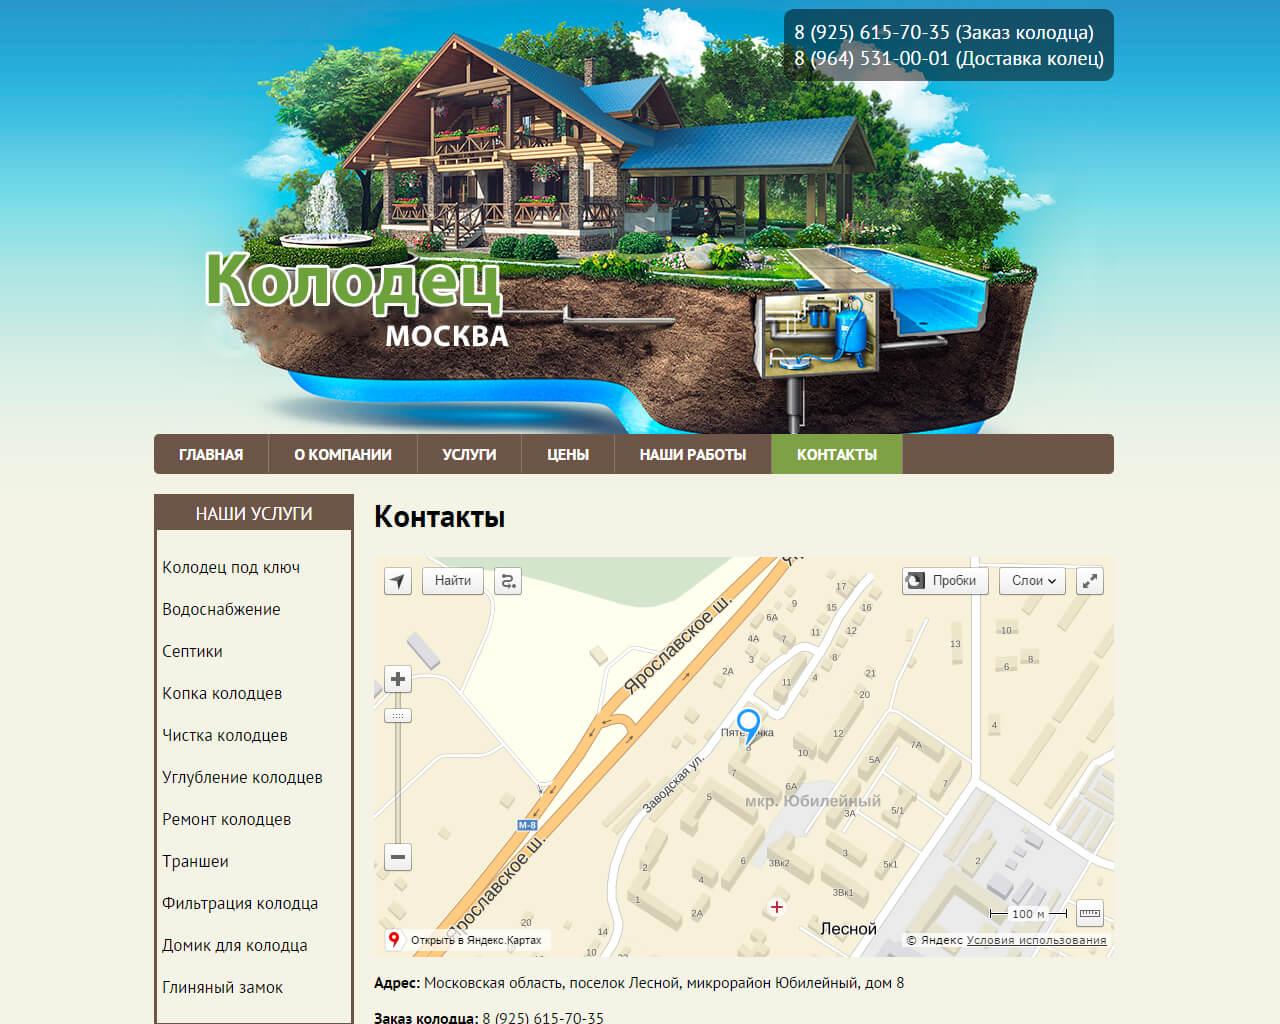 Колодец Москва